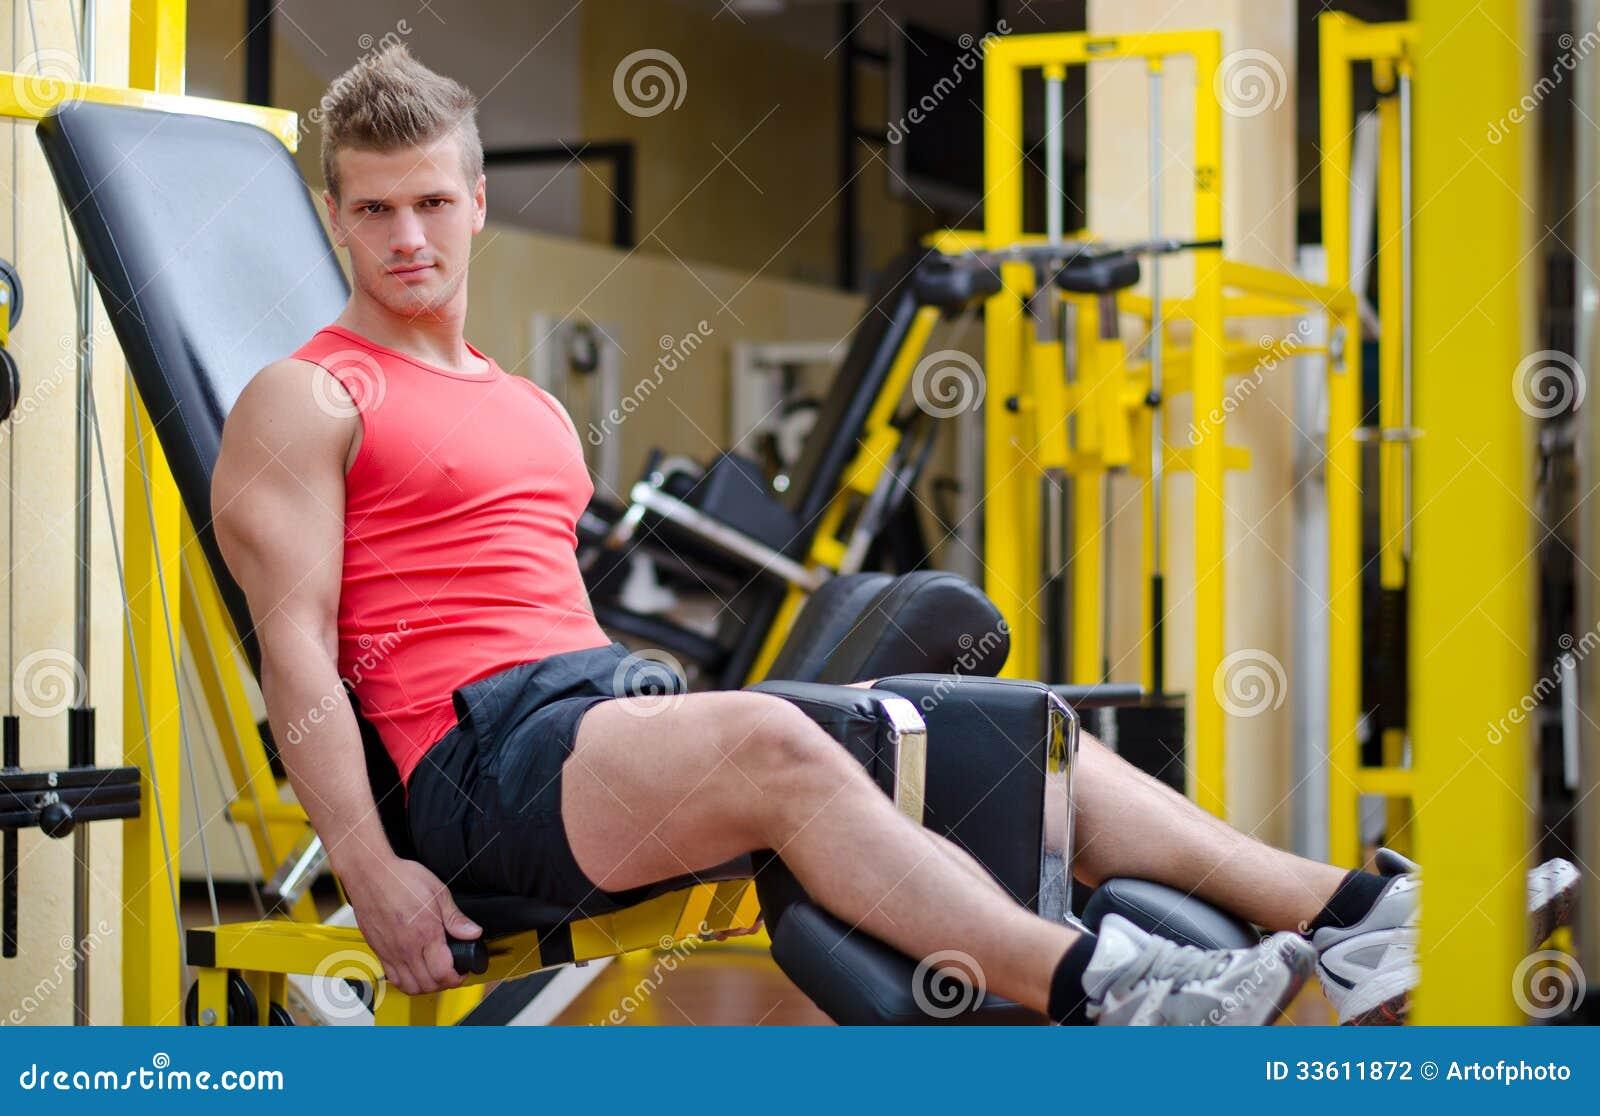 Красивый молодой человек разрабатывая на оборудовании спортзала